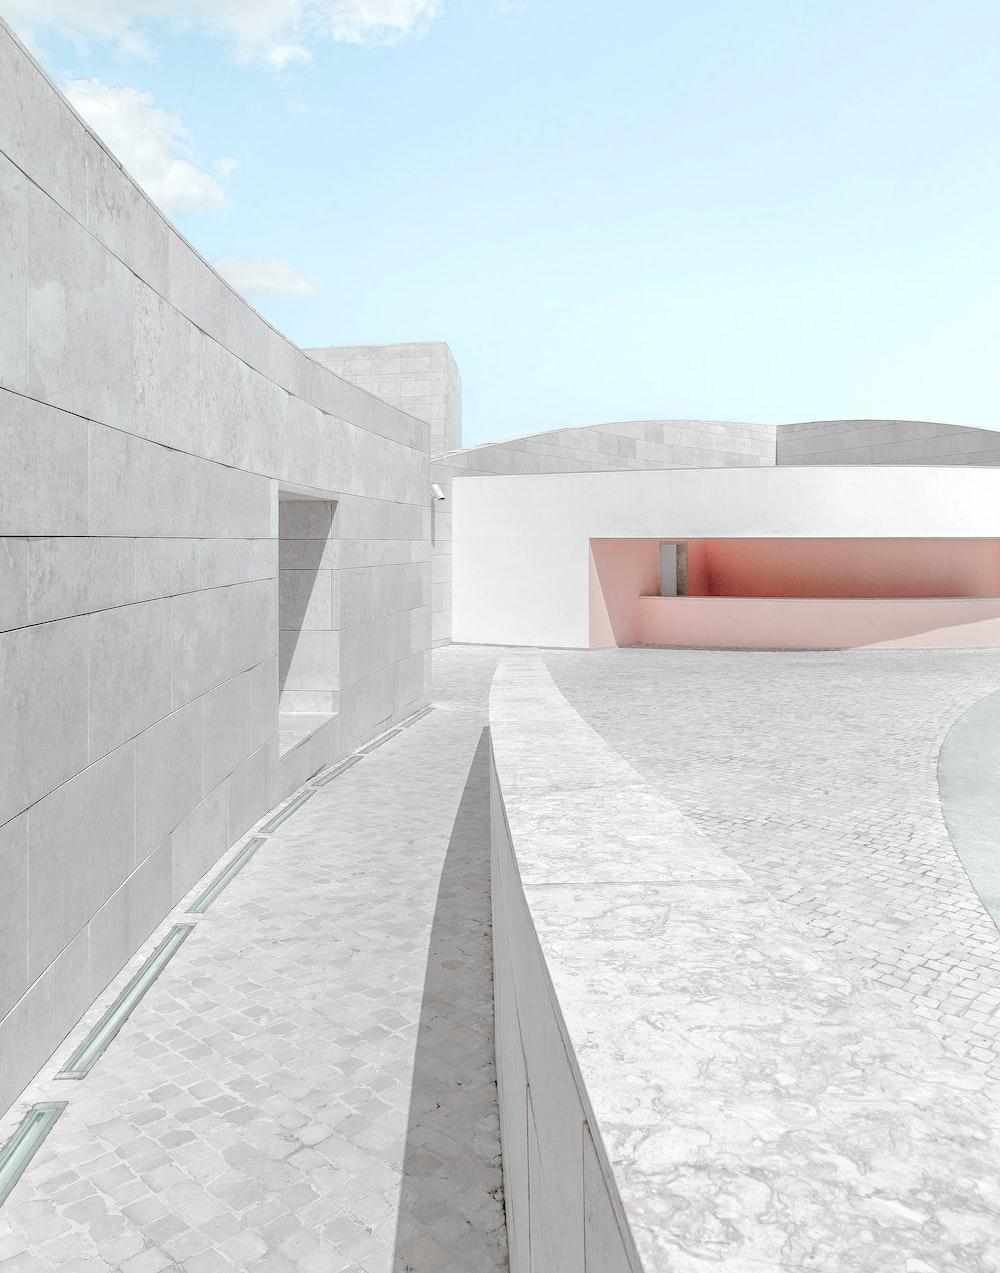 gray architecture